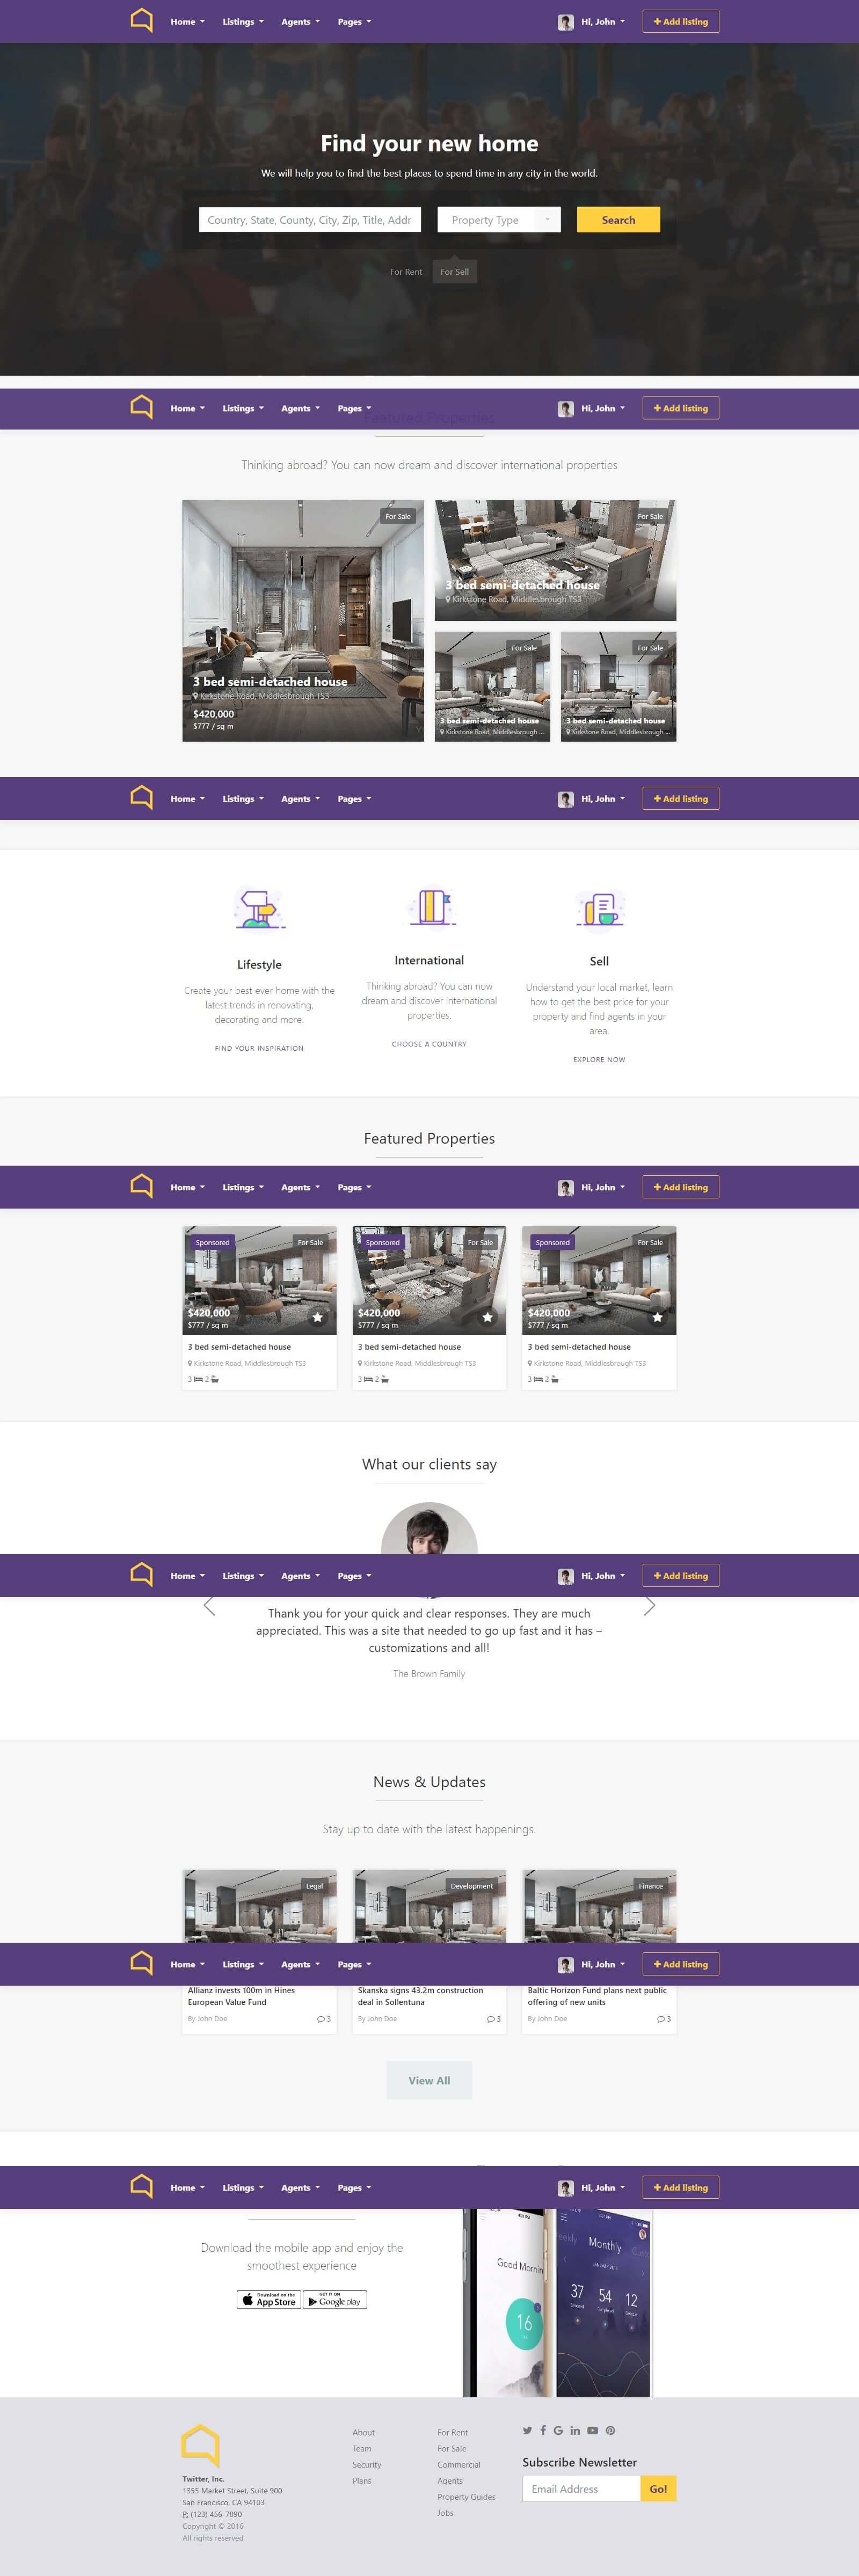 Thiết kế website giới thiệu công ty giúp quảng bá thương hiệu